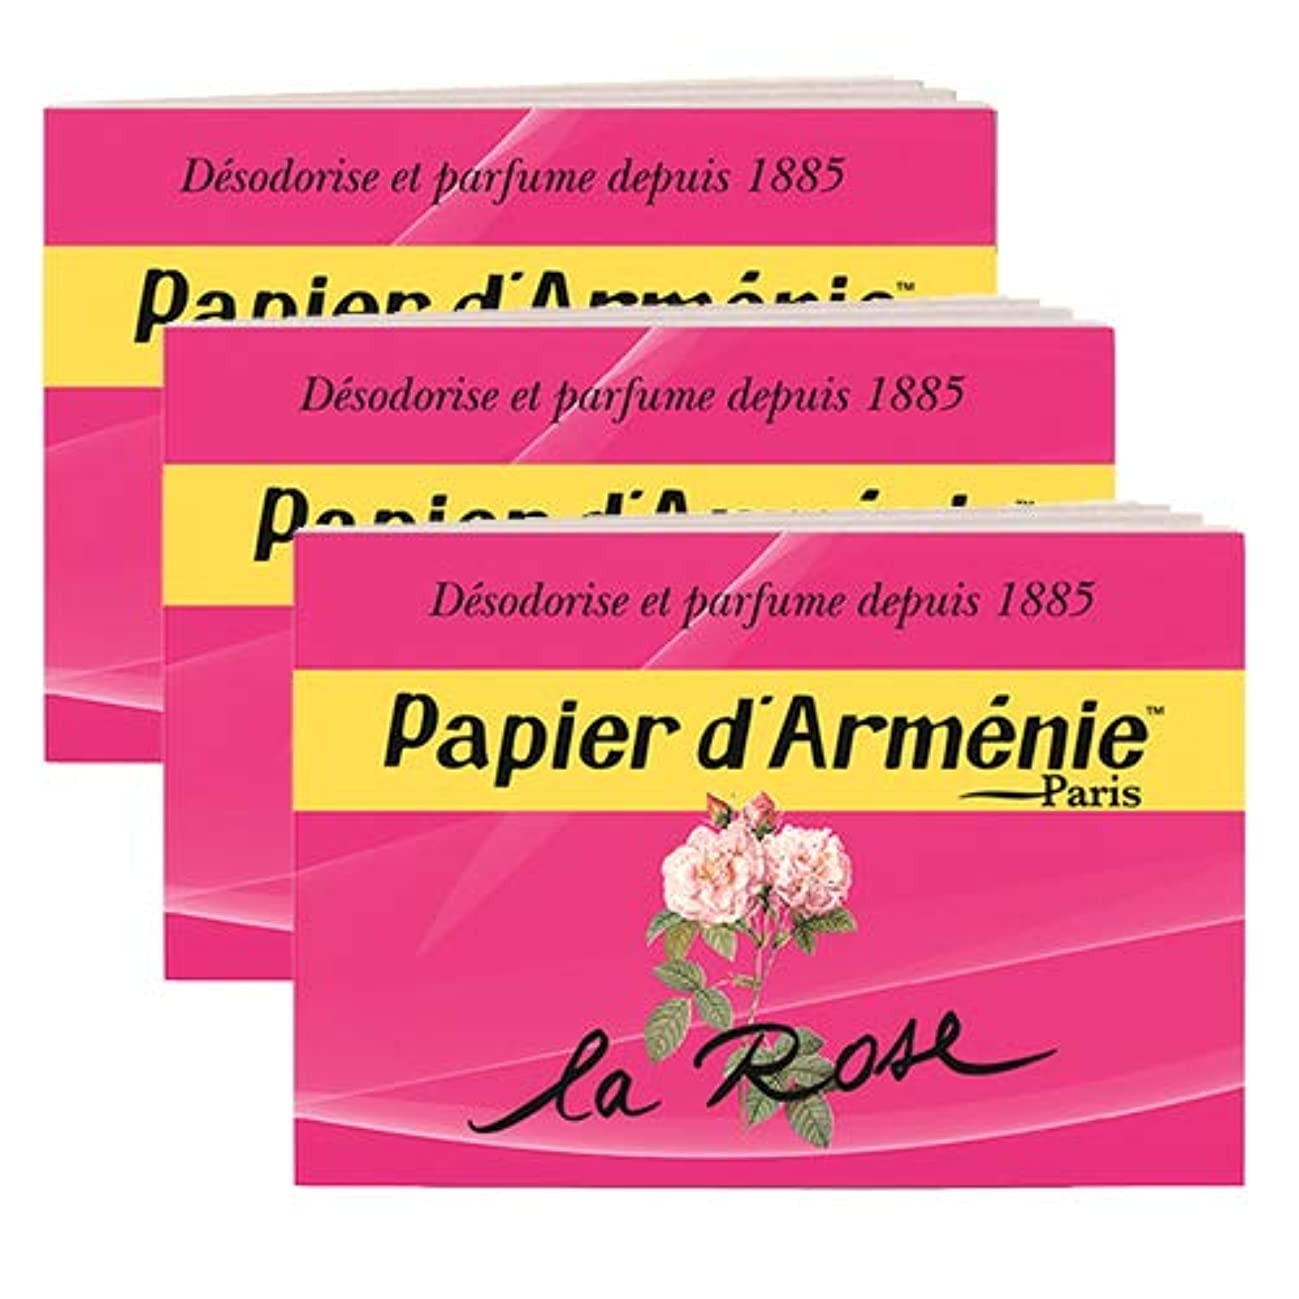 スポーツマンソース資本主義【パピエダルメニイ】トリプル 3×12枚(36回分) 3個セット ローズ 紙のお香 インセンス アロマペーパー PAPIER D'ARMENIE [並行輸入品]